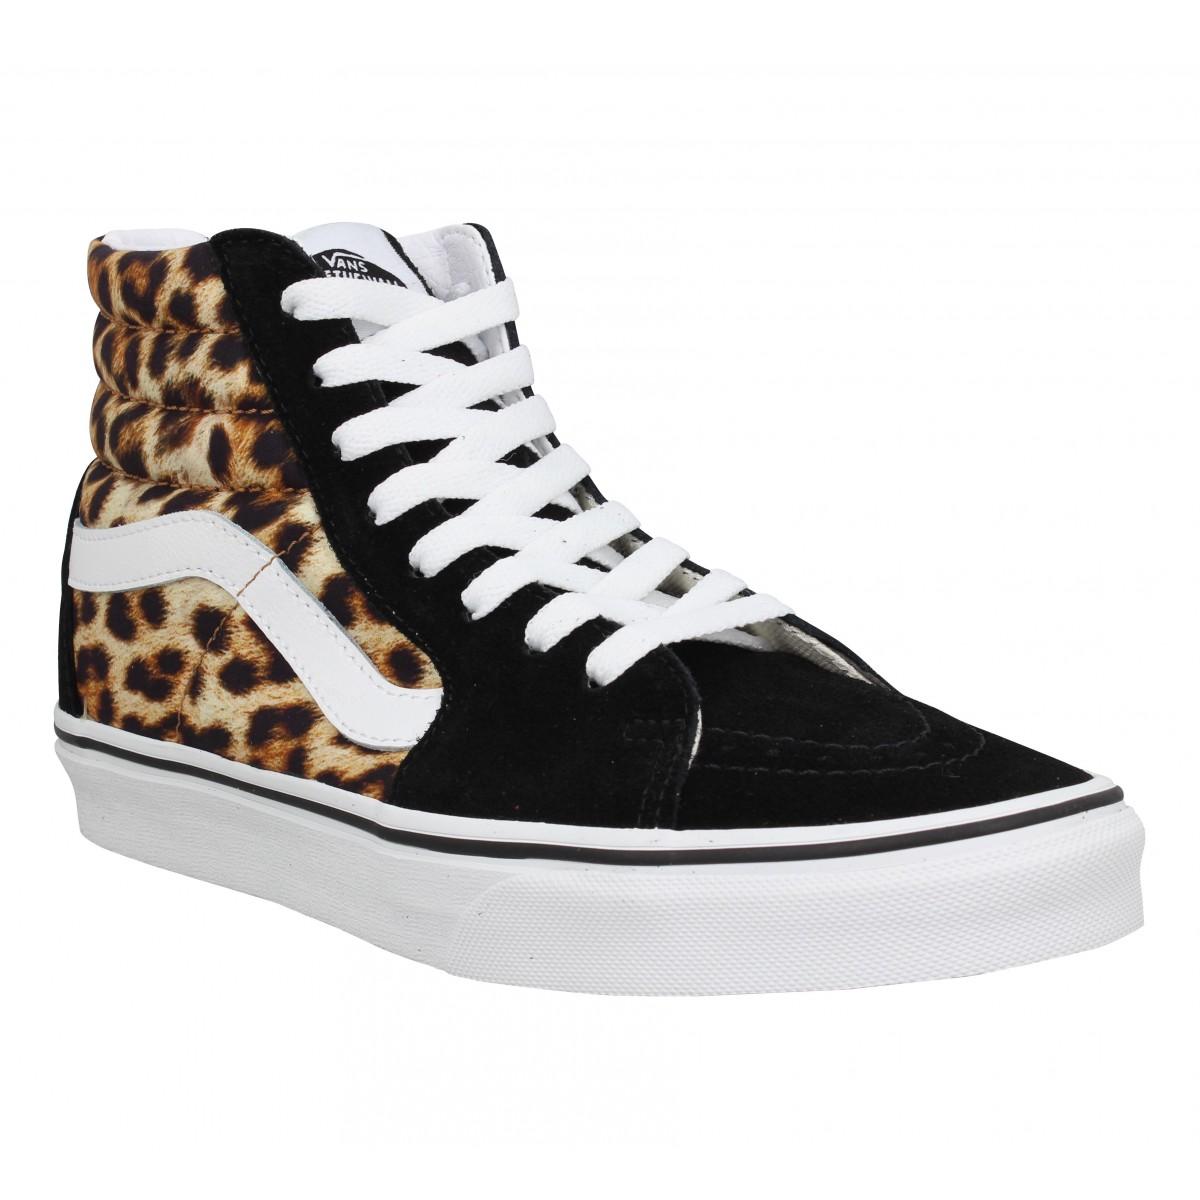 Baskets VANS SK8 Hi velours toile Femme Black Leopard